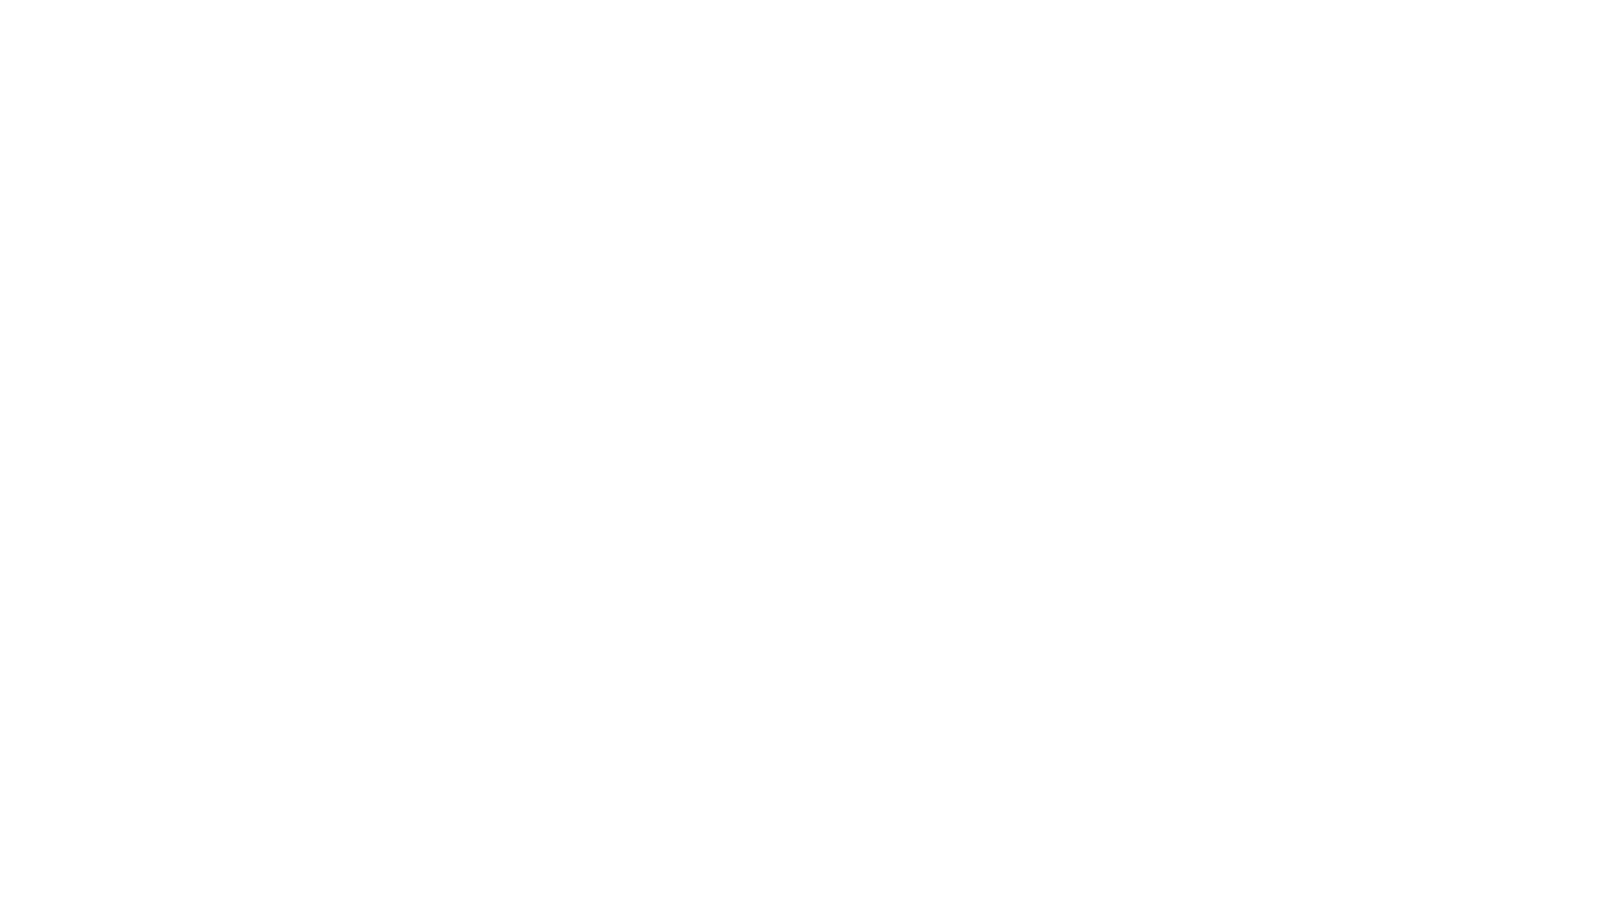 Tomás Gómez, director de la Cátedra, entrevistado por Alejandro García en Plaza Radio. 19 Agosto 2020.  Proponemos al Ayuntamiento de València que avance en una senda de descarbonización profunda. Ello requiere incorporar de forma más decidida la planificación energética estratégica, buscando las sinergias con los marcos estratégicos ya existentes, como las MissionsVLC2030 y la Hoja de Ruta hacia 2050 para la Transición Energética. Para materializar todo esto, nuestra propuesta principal es que el ecosistema de innovación de la ciudad haga suyo un proyecto de distritos de energía positiva en València.